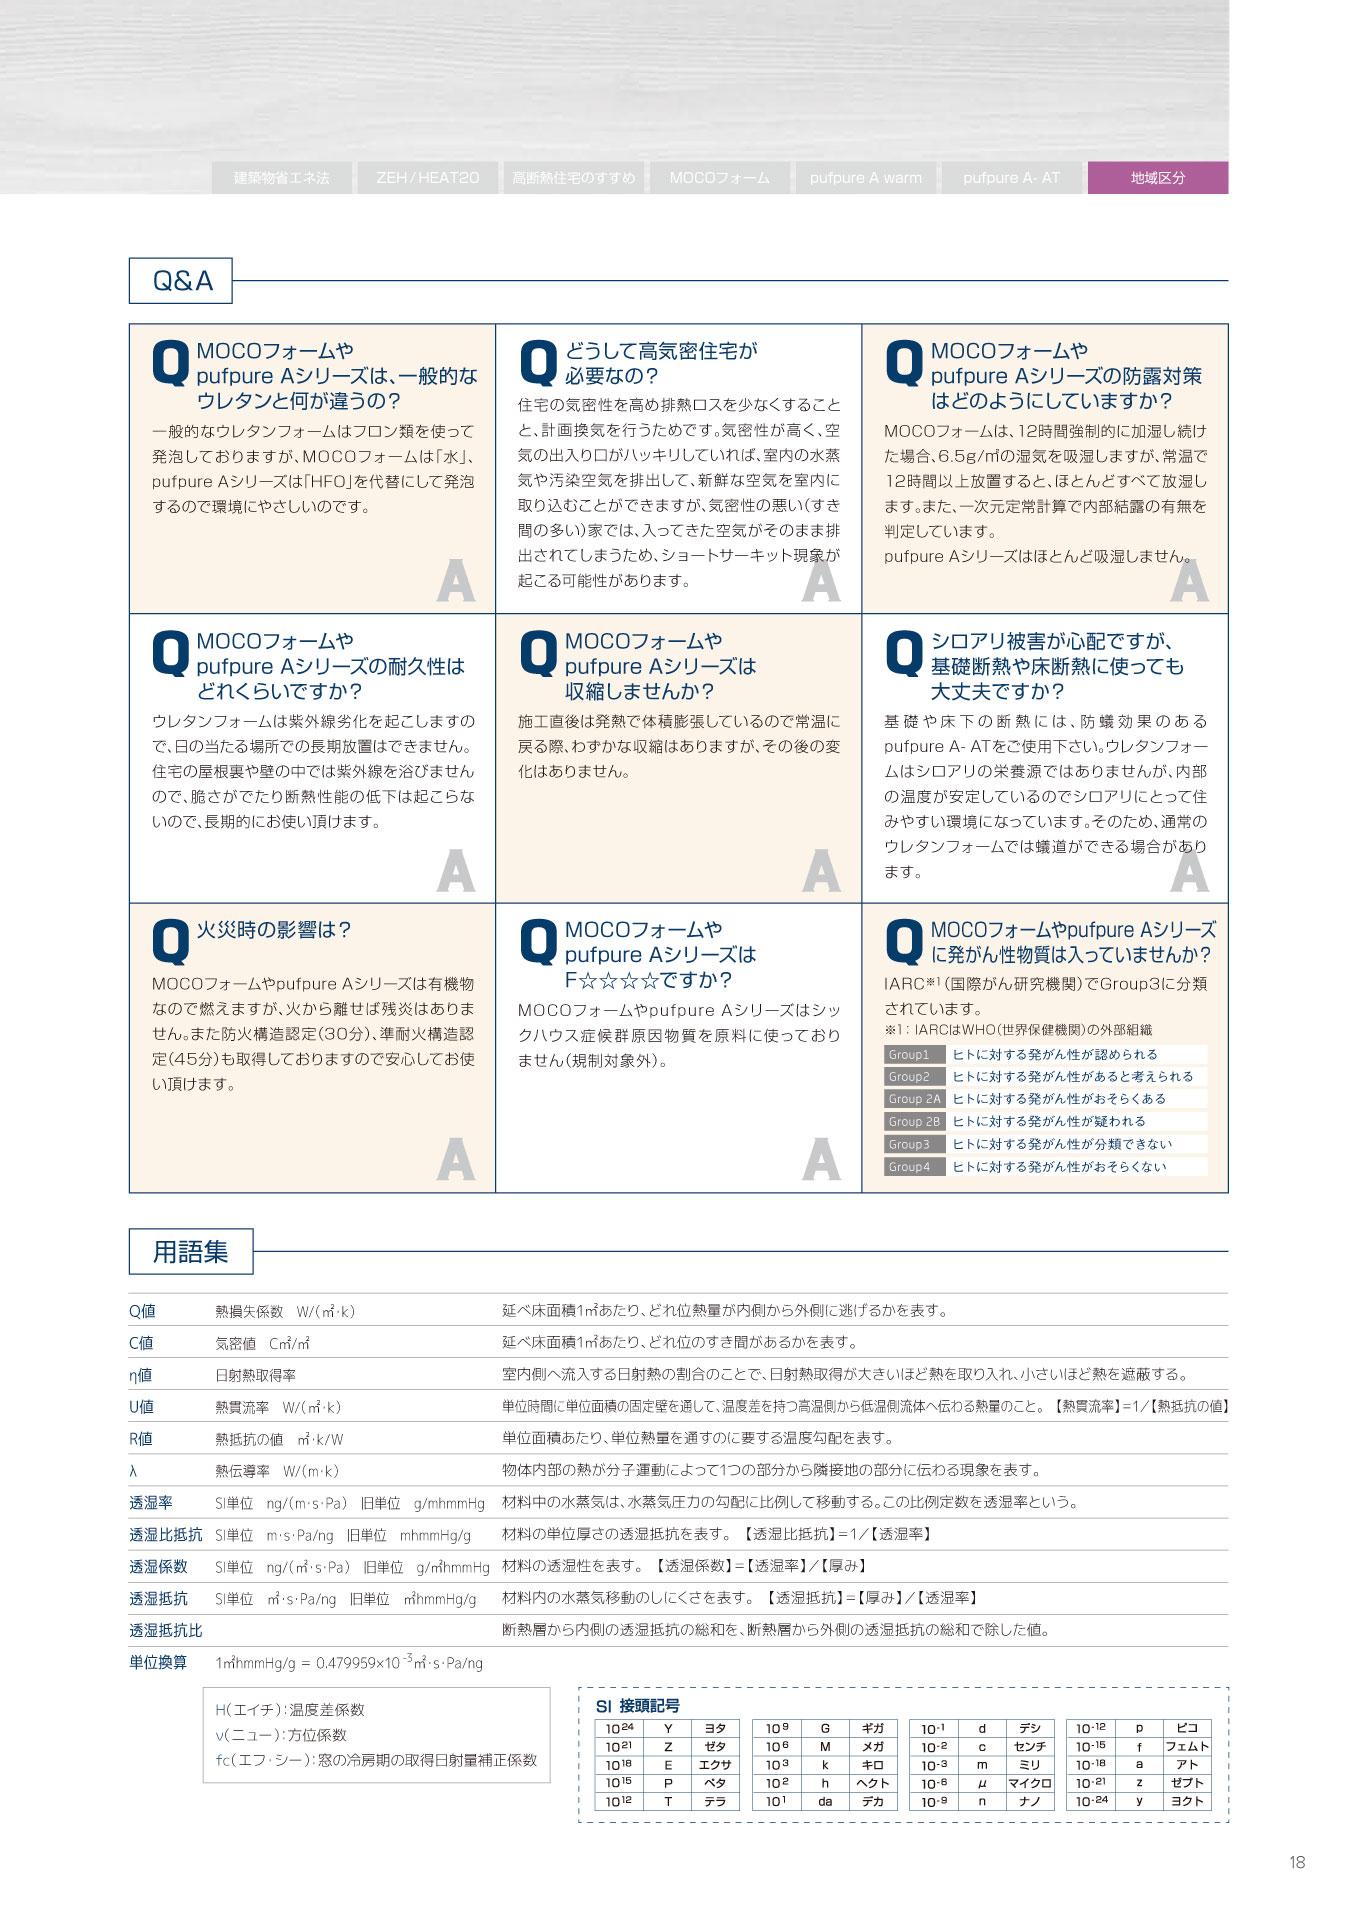 木造住宅用総合カタログP18